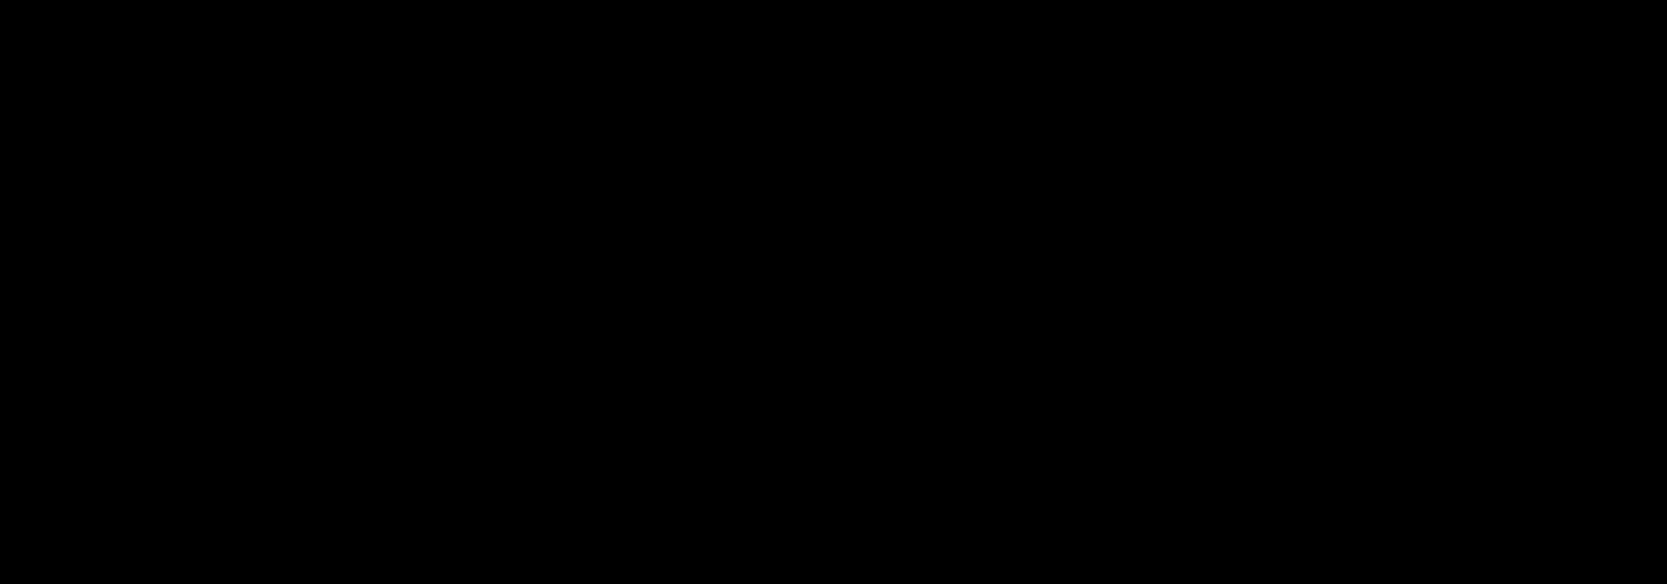 Lenovo_Black-01